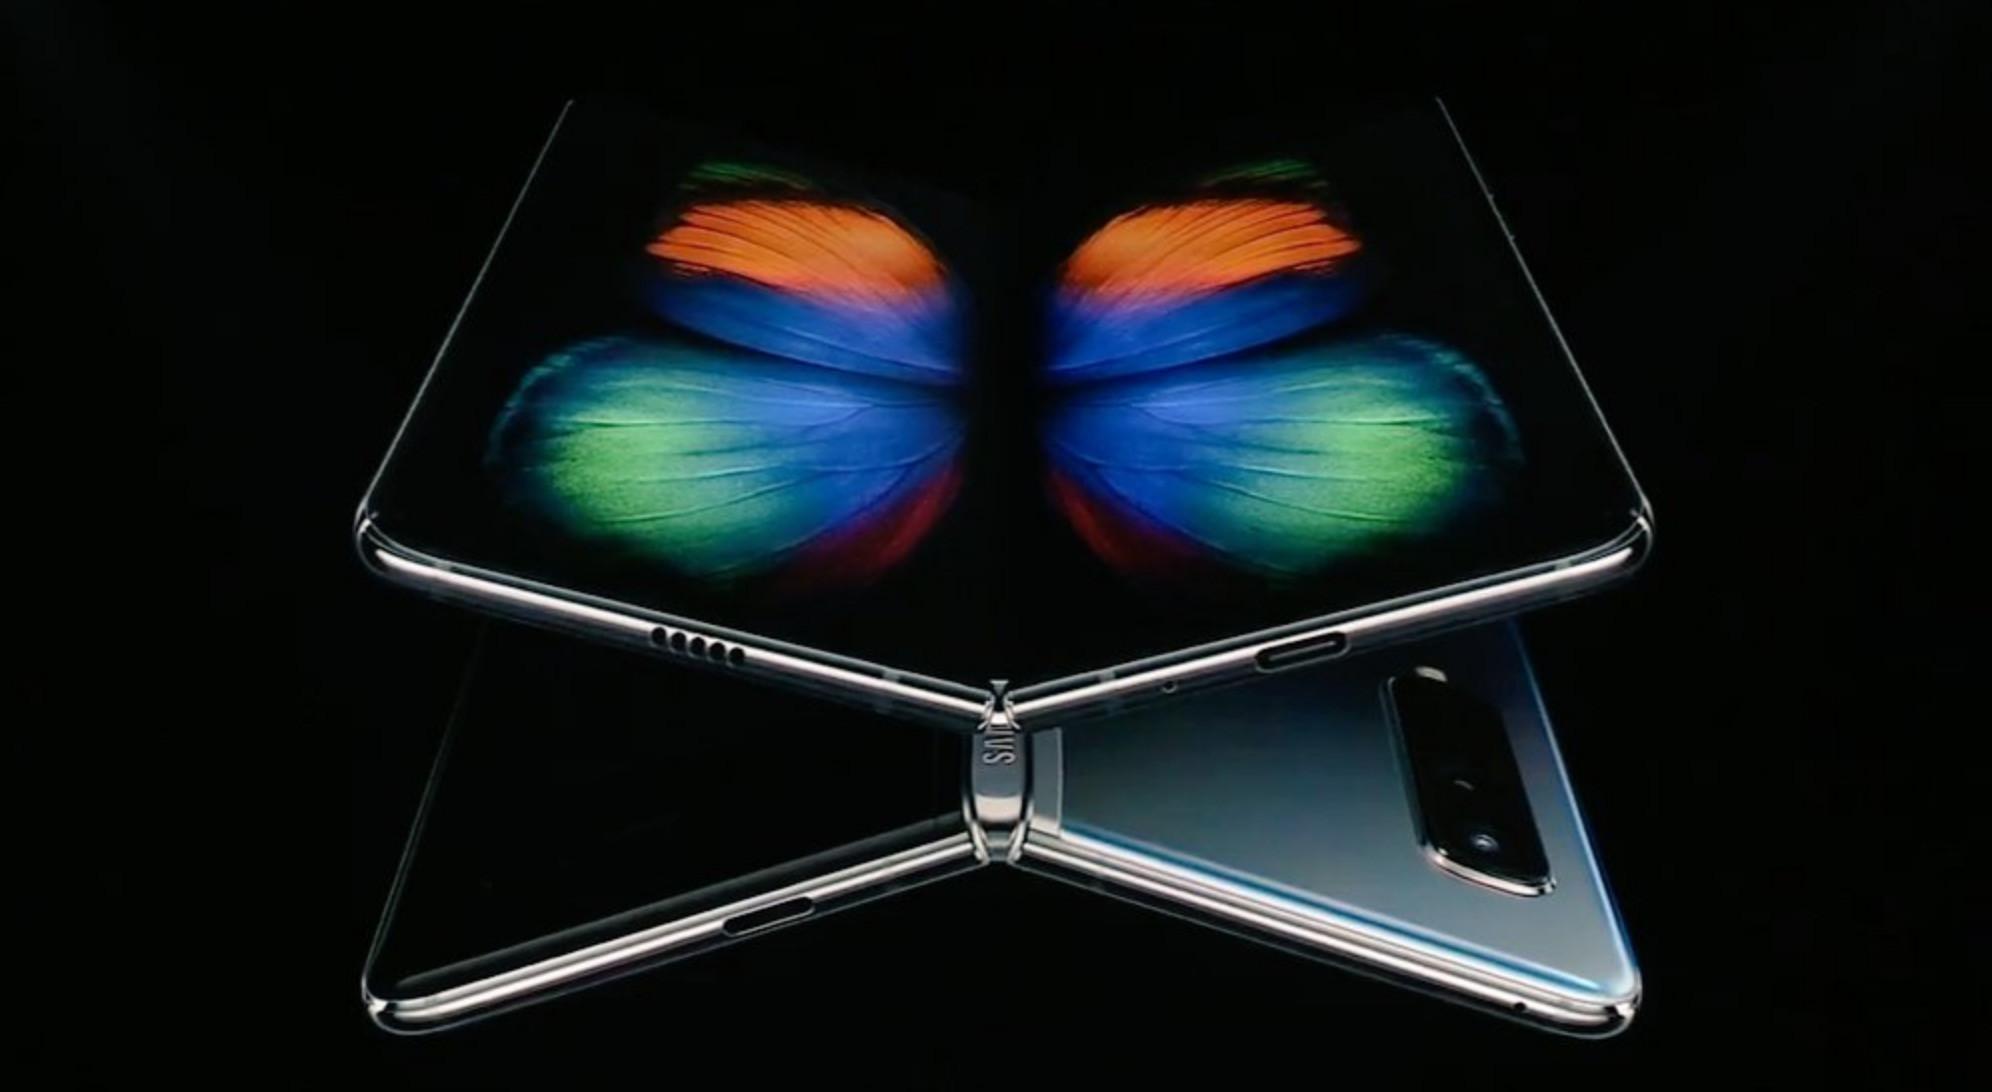 Samsung : le Galaxy Fold a passé les tests en interne, la commercialisation approche